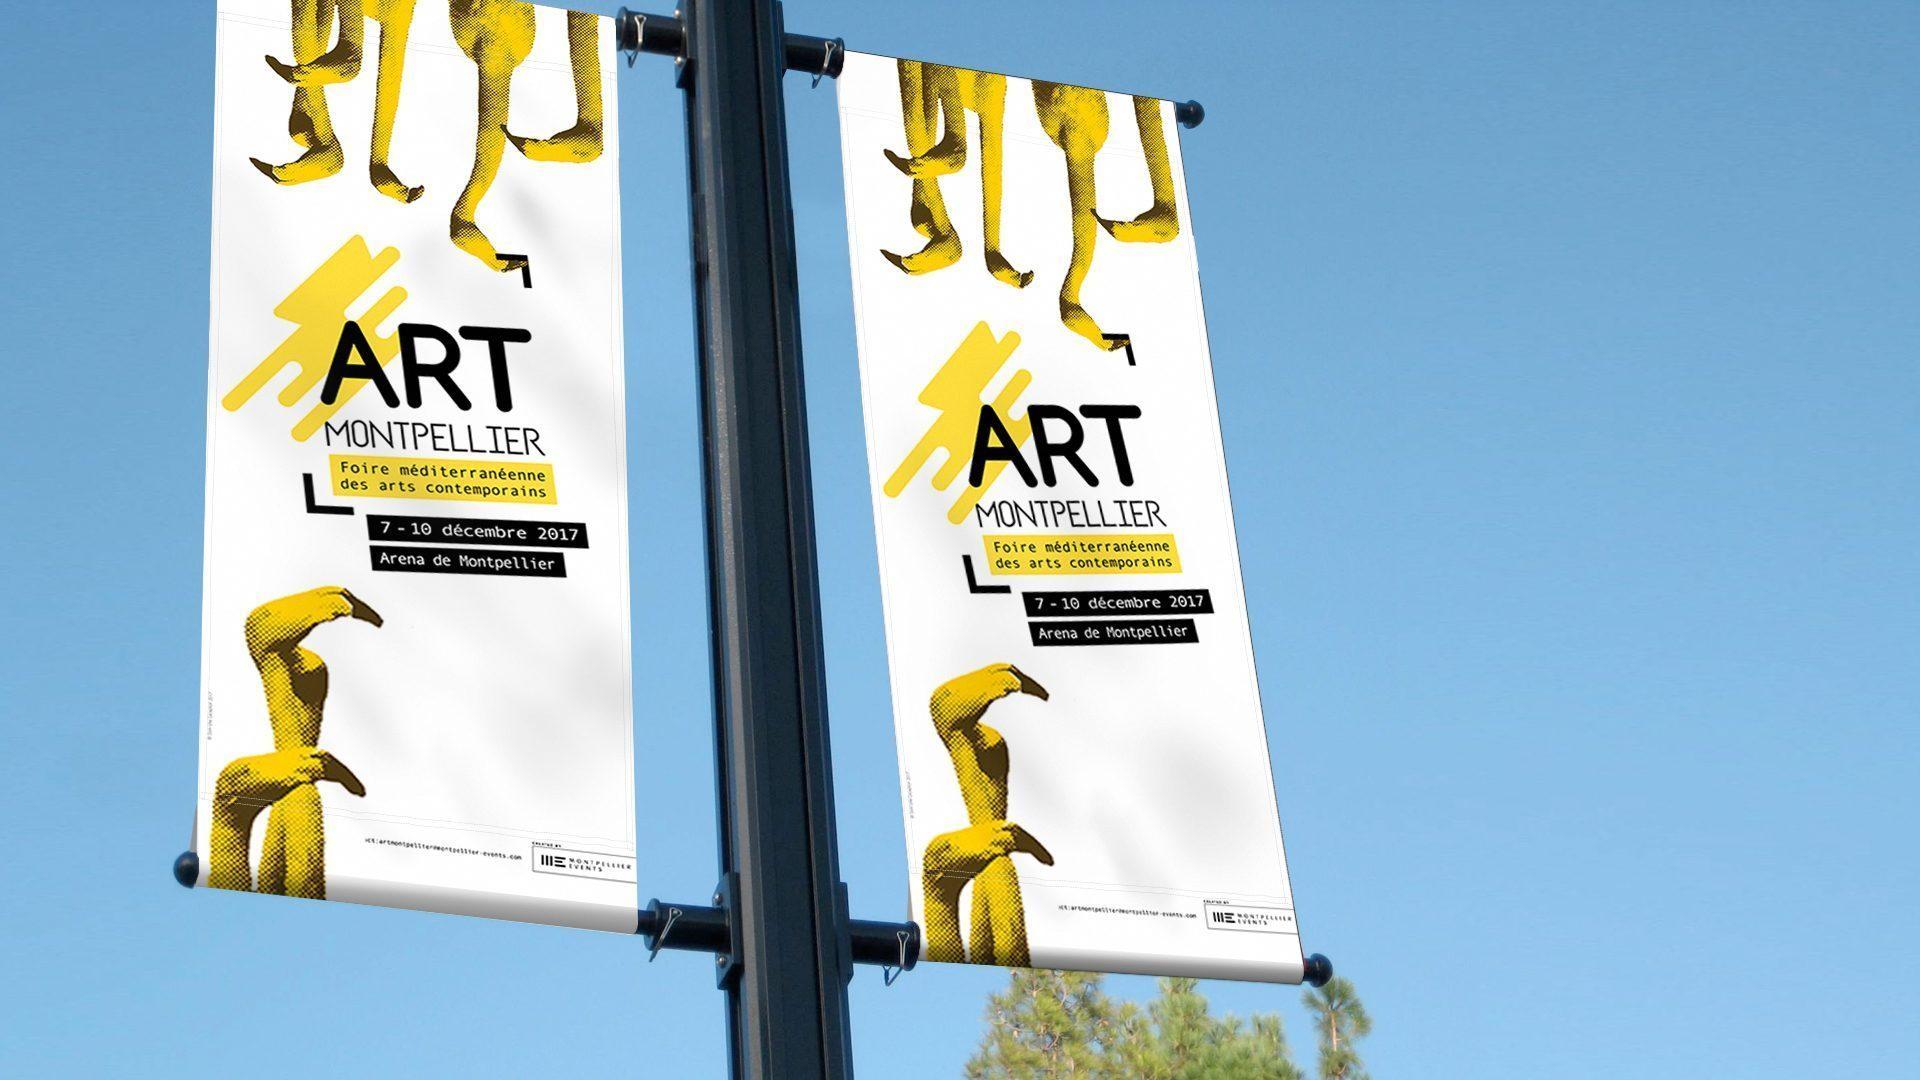 Quand nos flamants jaunes s duisent montpellier events for Salon art contemporain montpellier